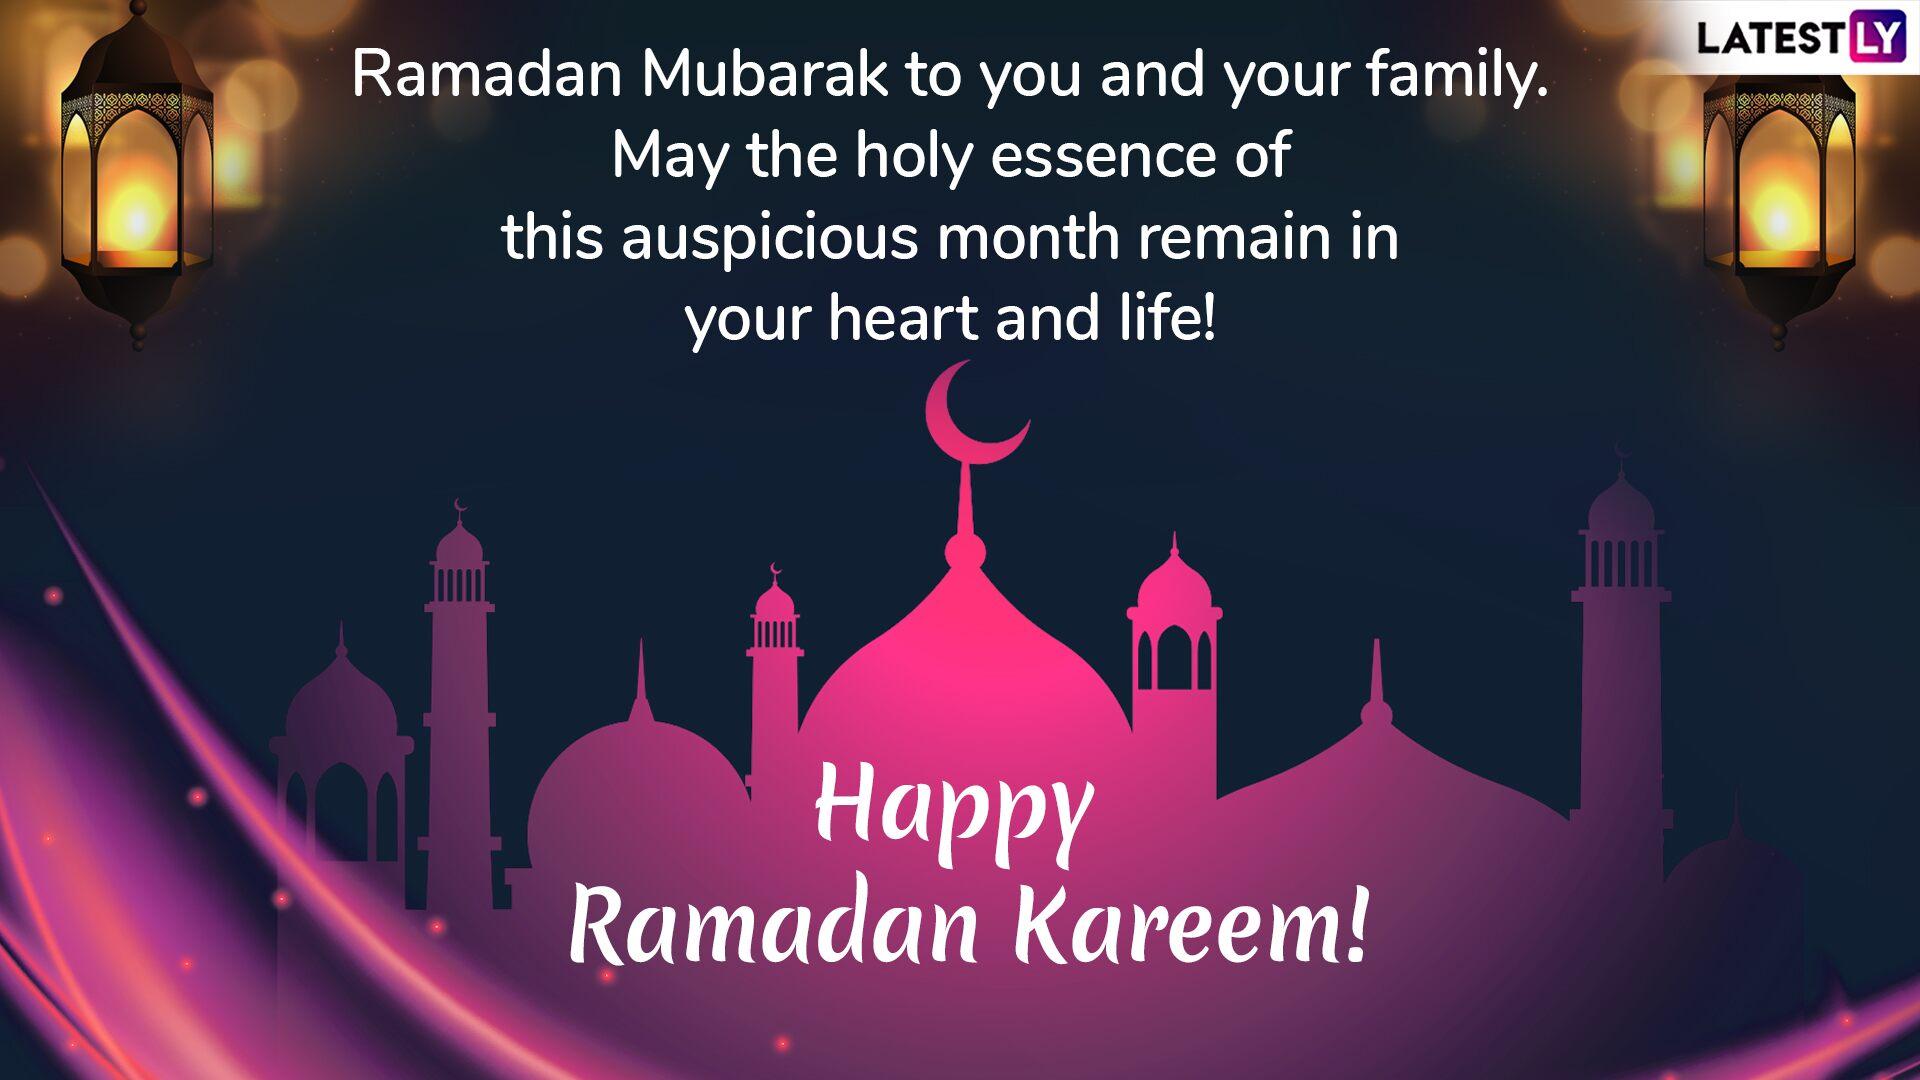 Ramzan Mubarak 2019 Wishes Ramadan Kareem Quotes WhatsApp 1920x1080